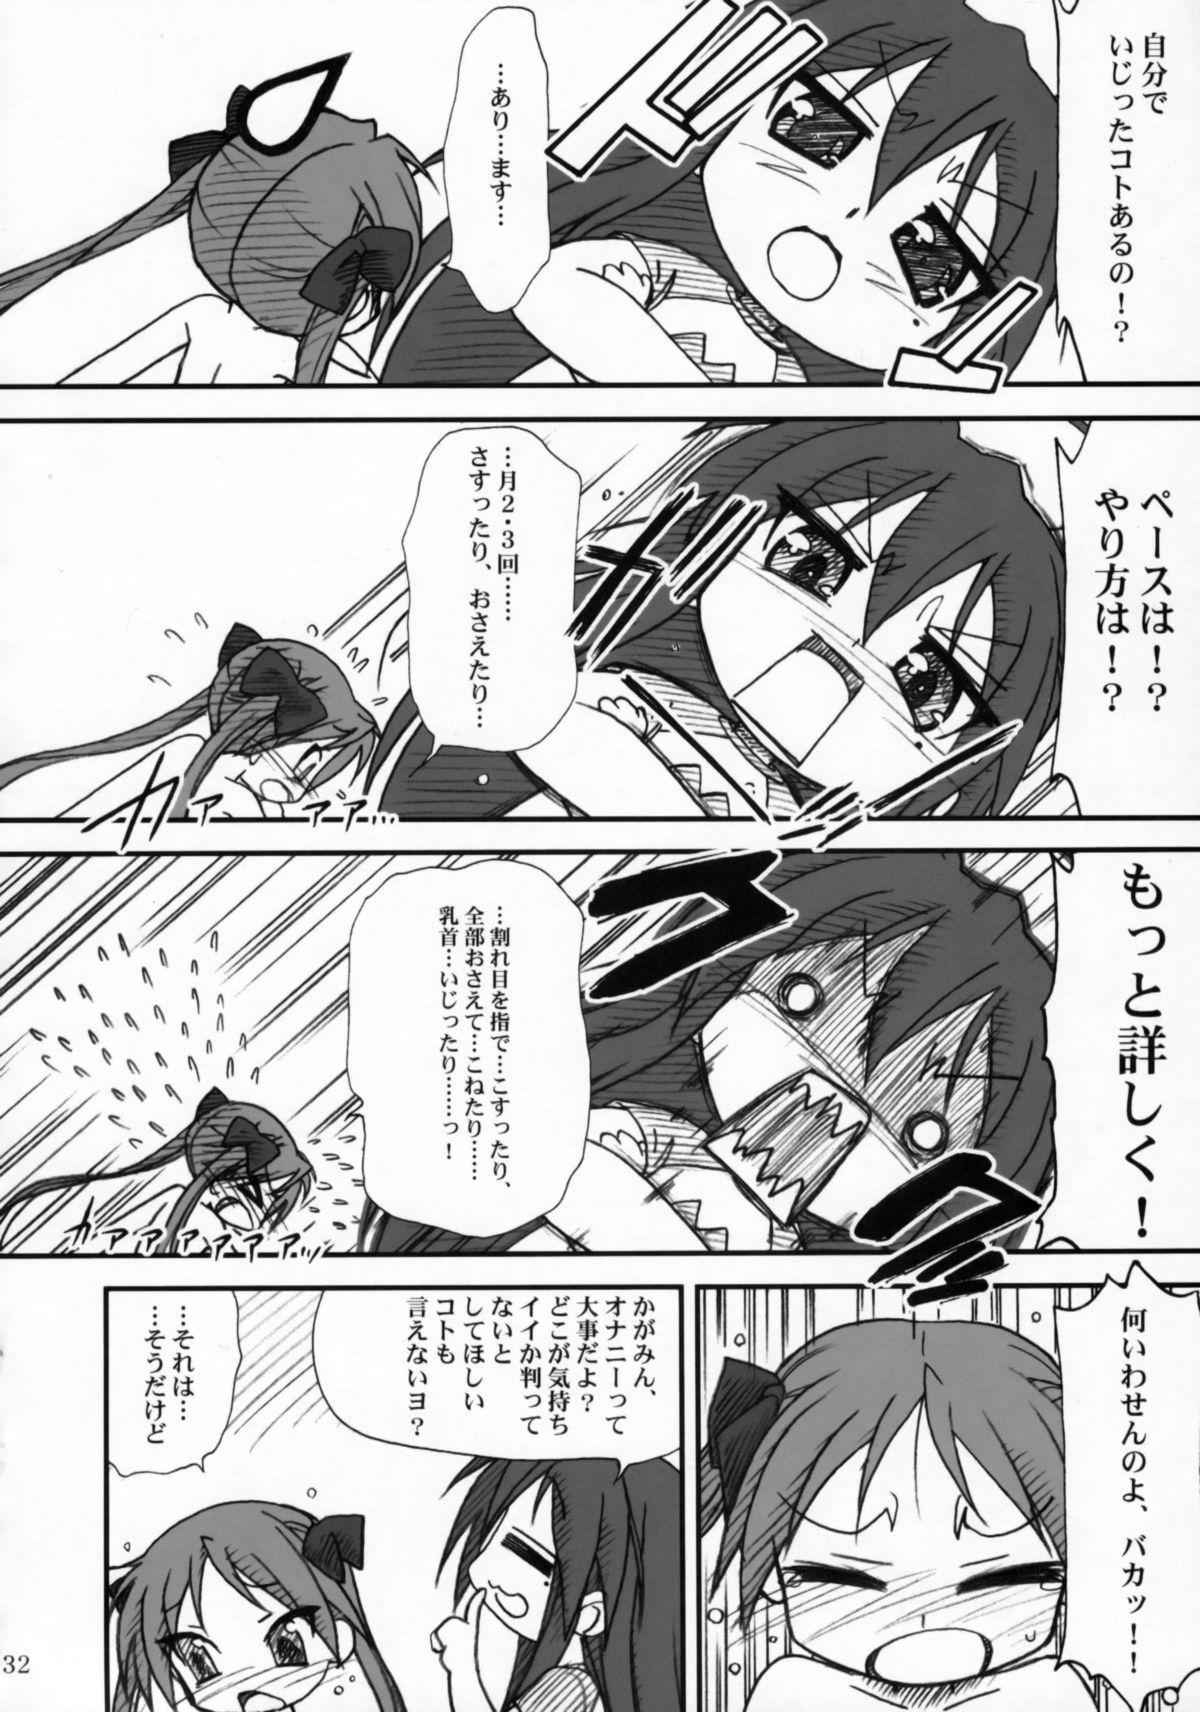 Kagamin de Asobou!! 30